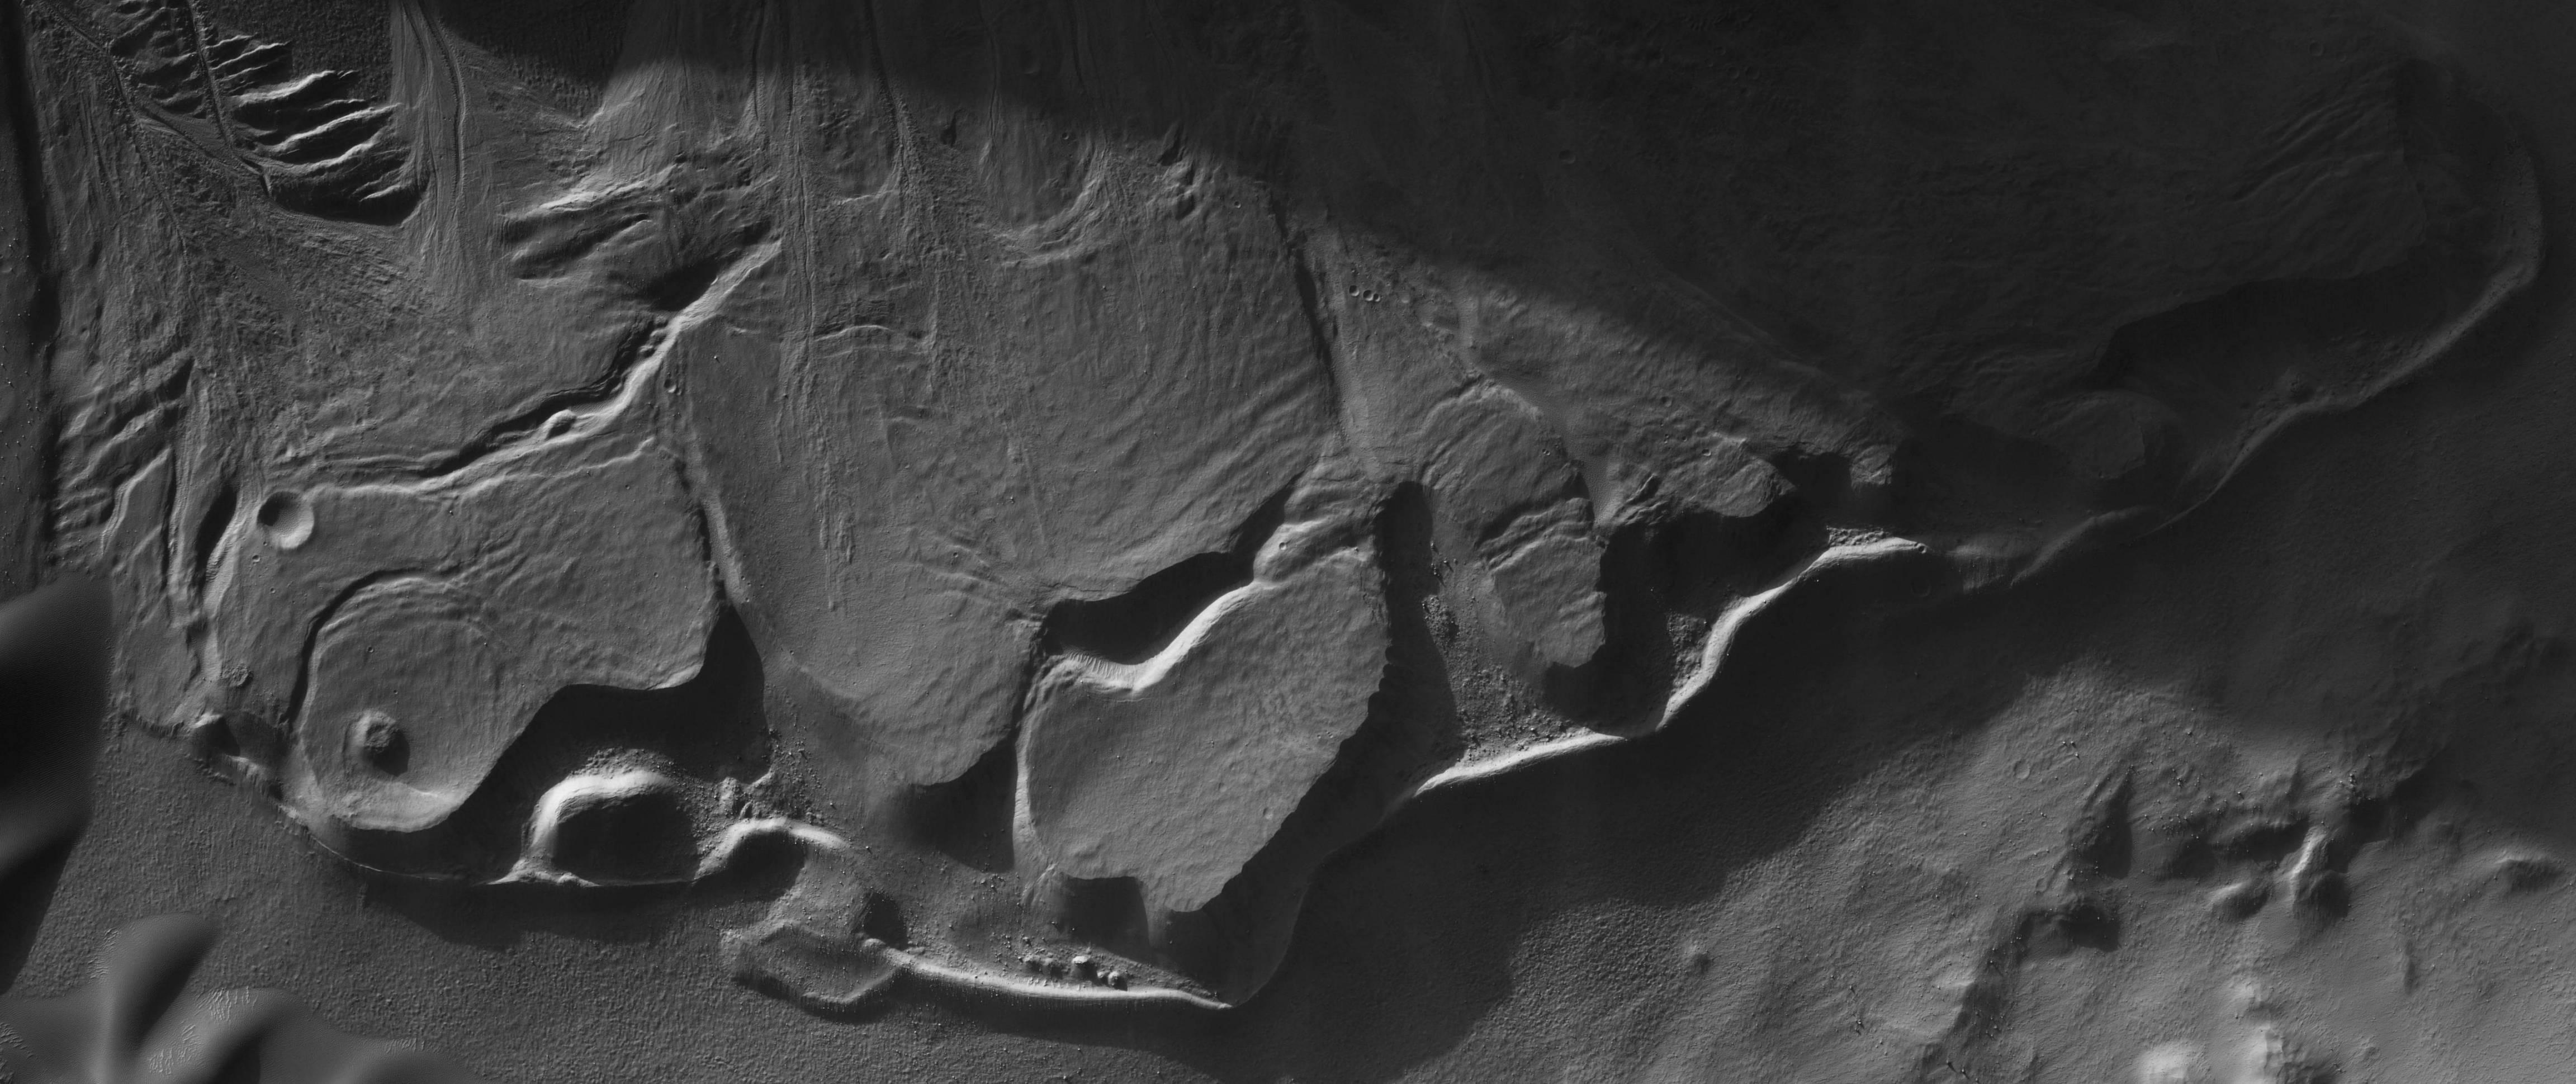 crazy lava flows August 2017 (HiRISE)